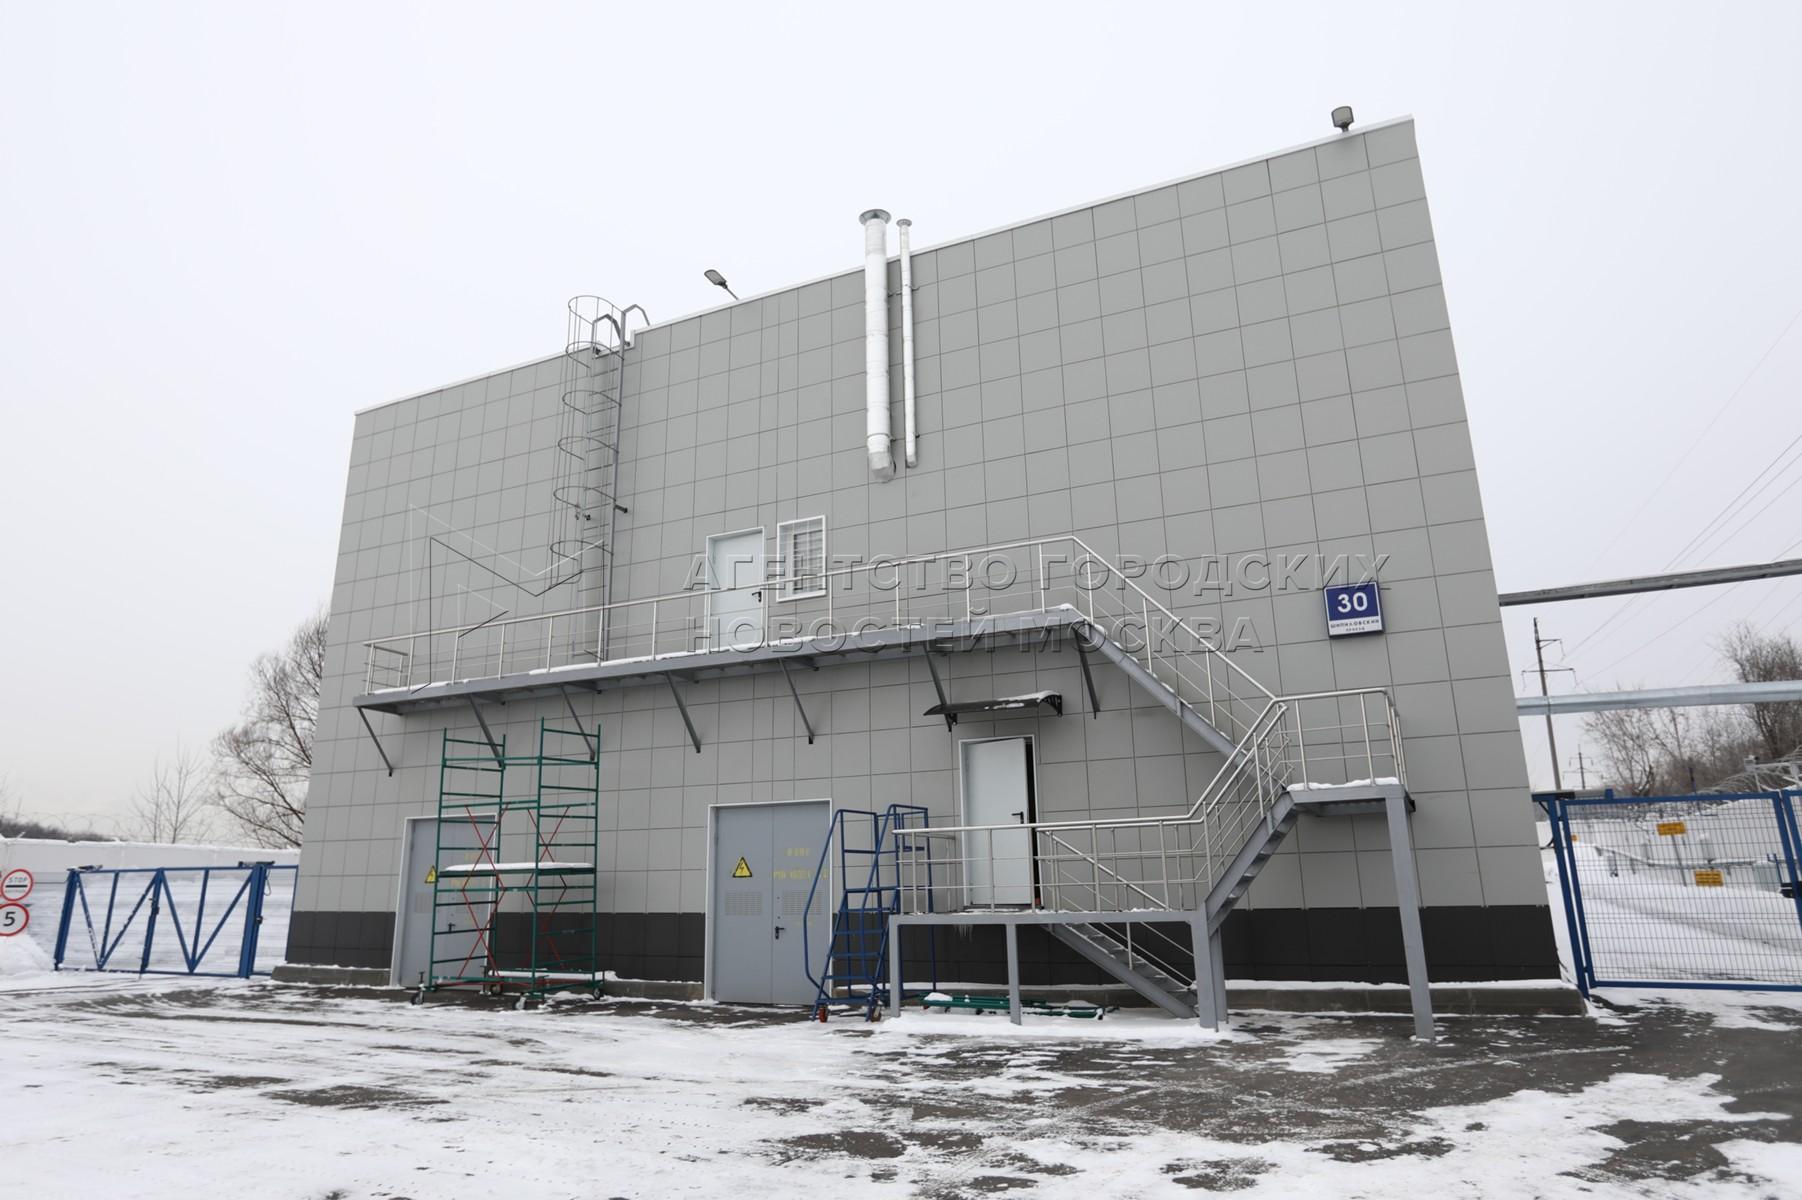 Работа насосно-перекачивающей станции «Бирюлево-Борисовская» в Шипиловском проезде, в условиях пиковых температур.